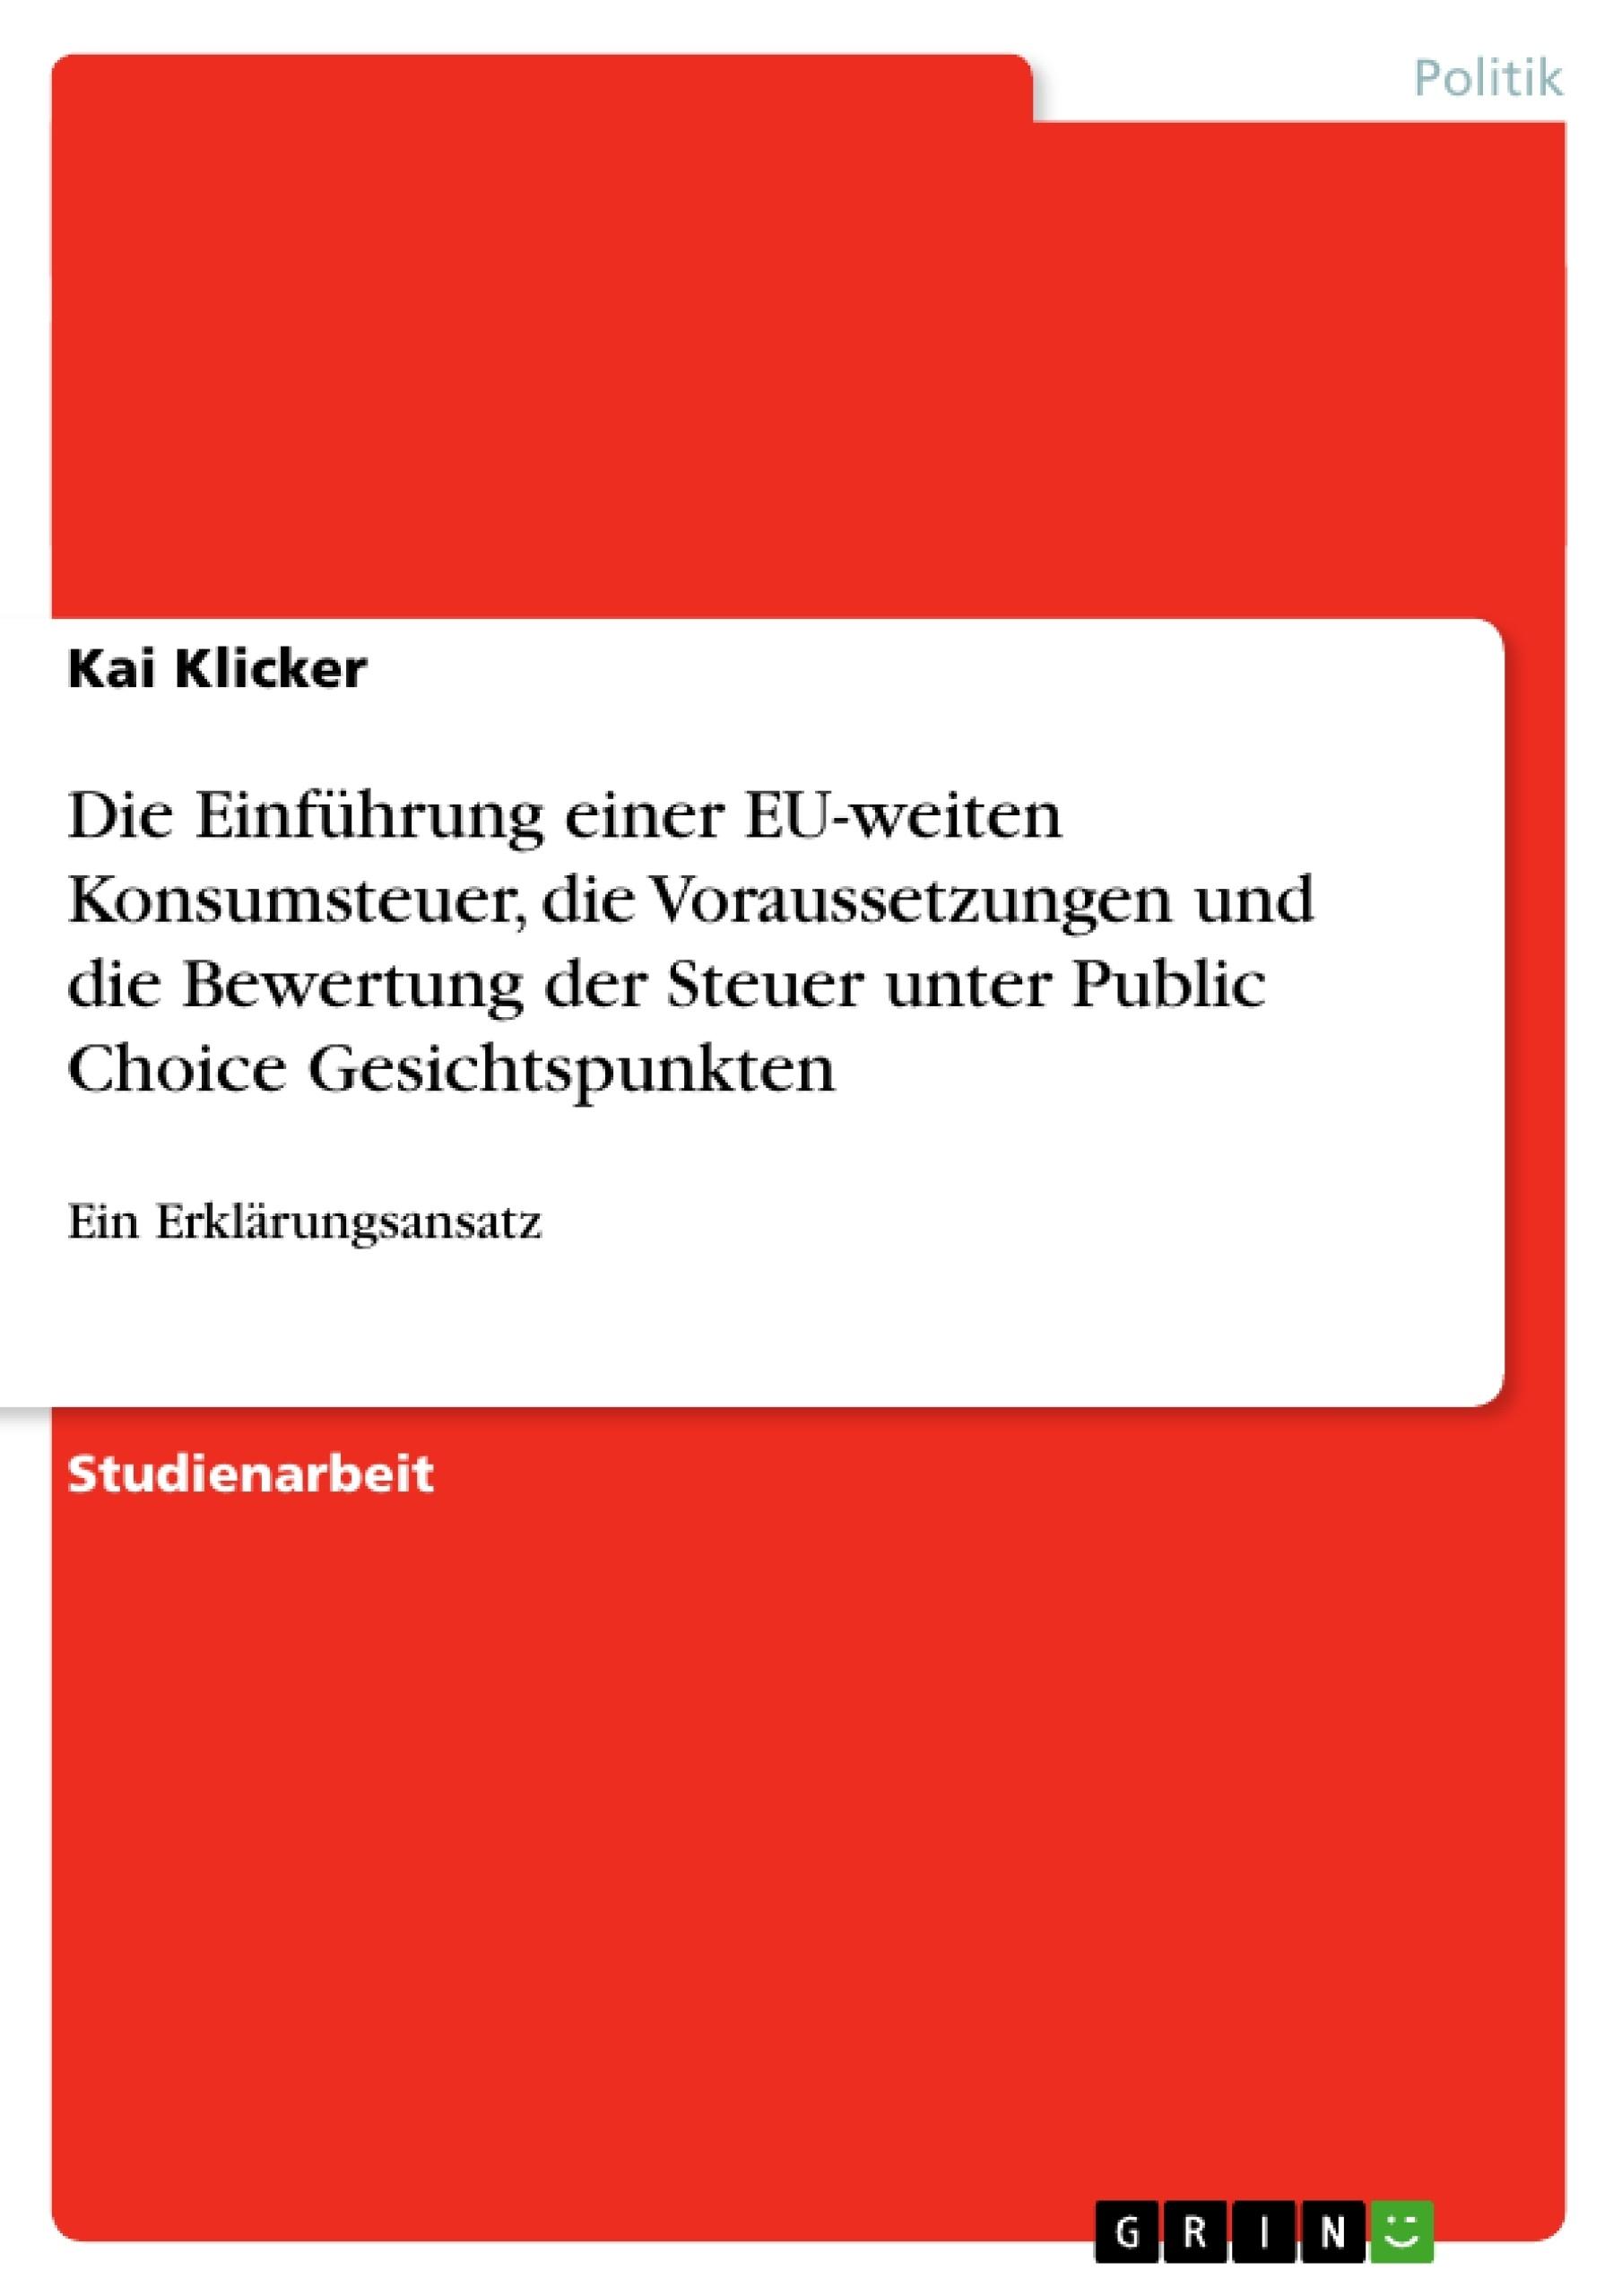 Titel: Die Einführung einer EU-weiten Konsumsteuer, die Voraussetzungen und die Bewertung der Steuer unter Public Choice Gesichtspunkten